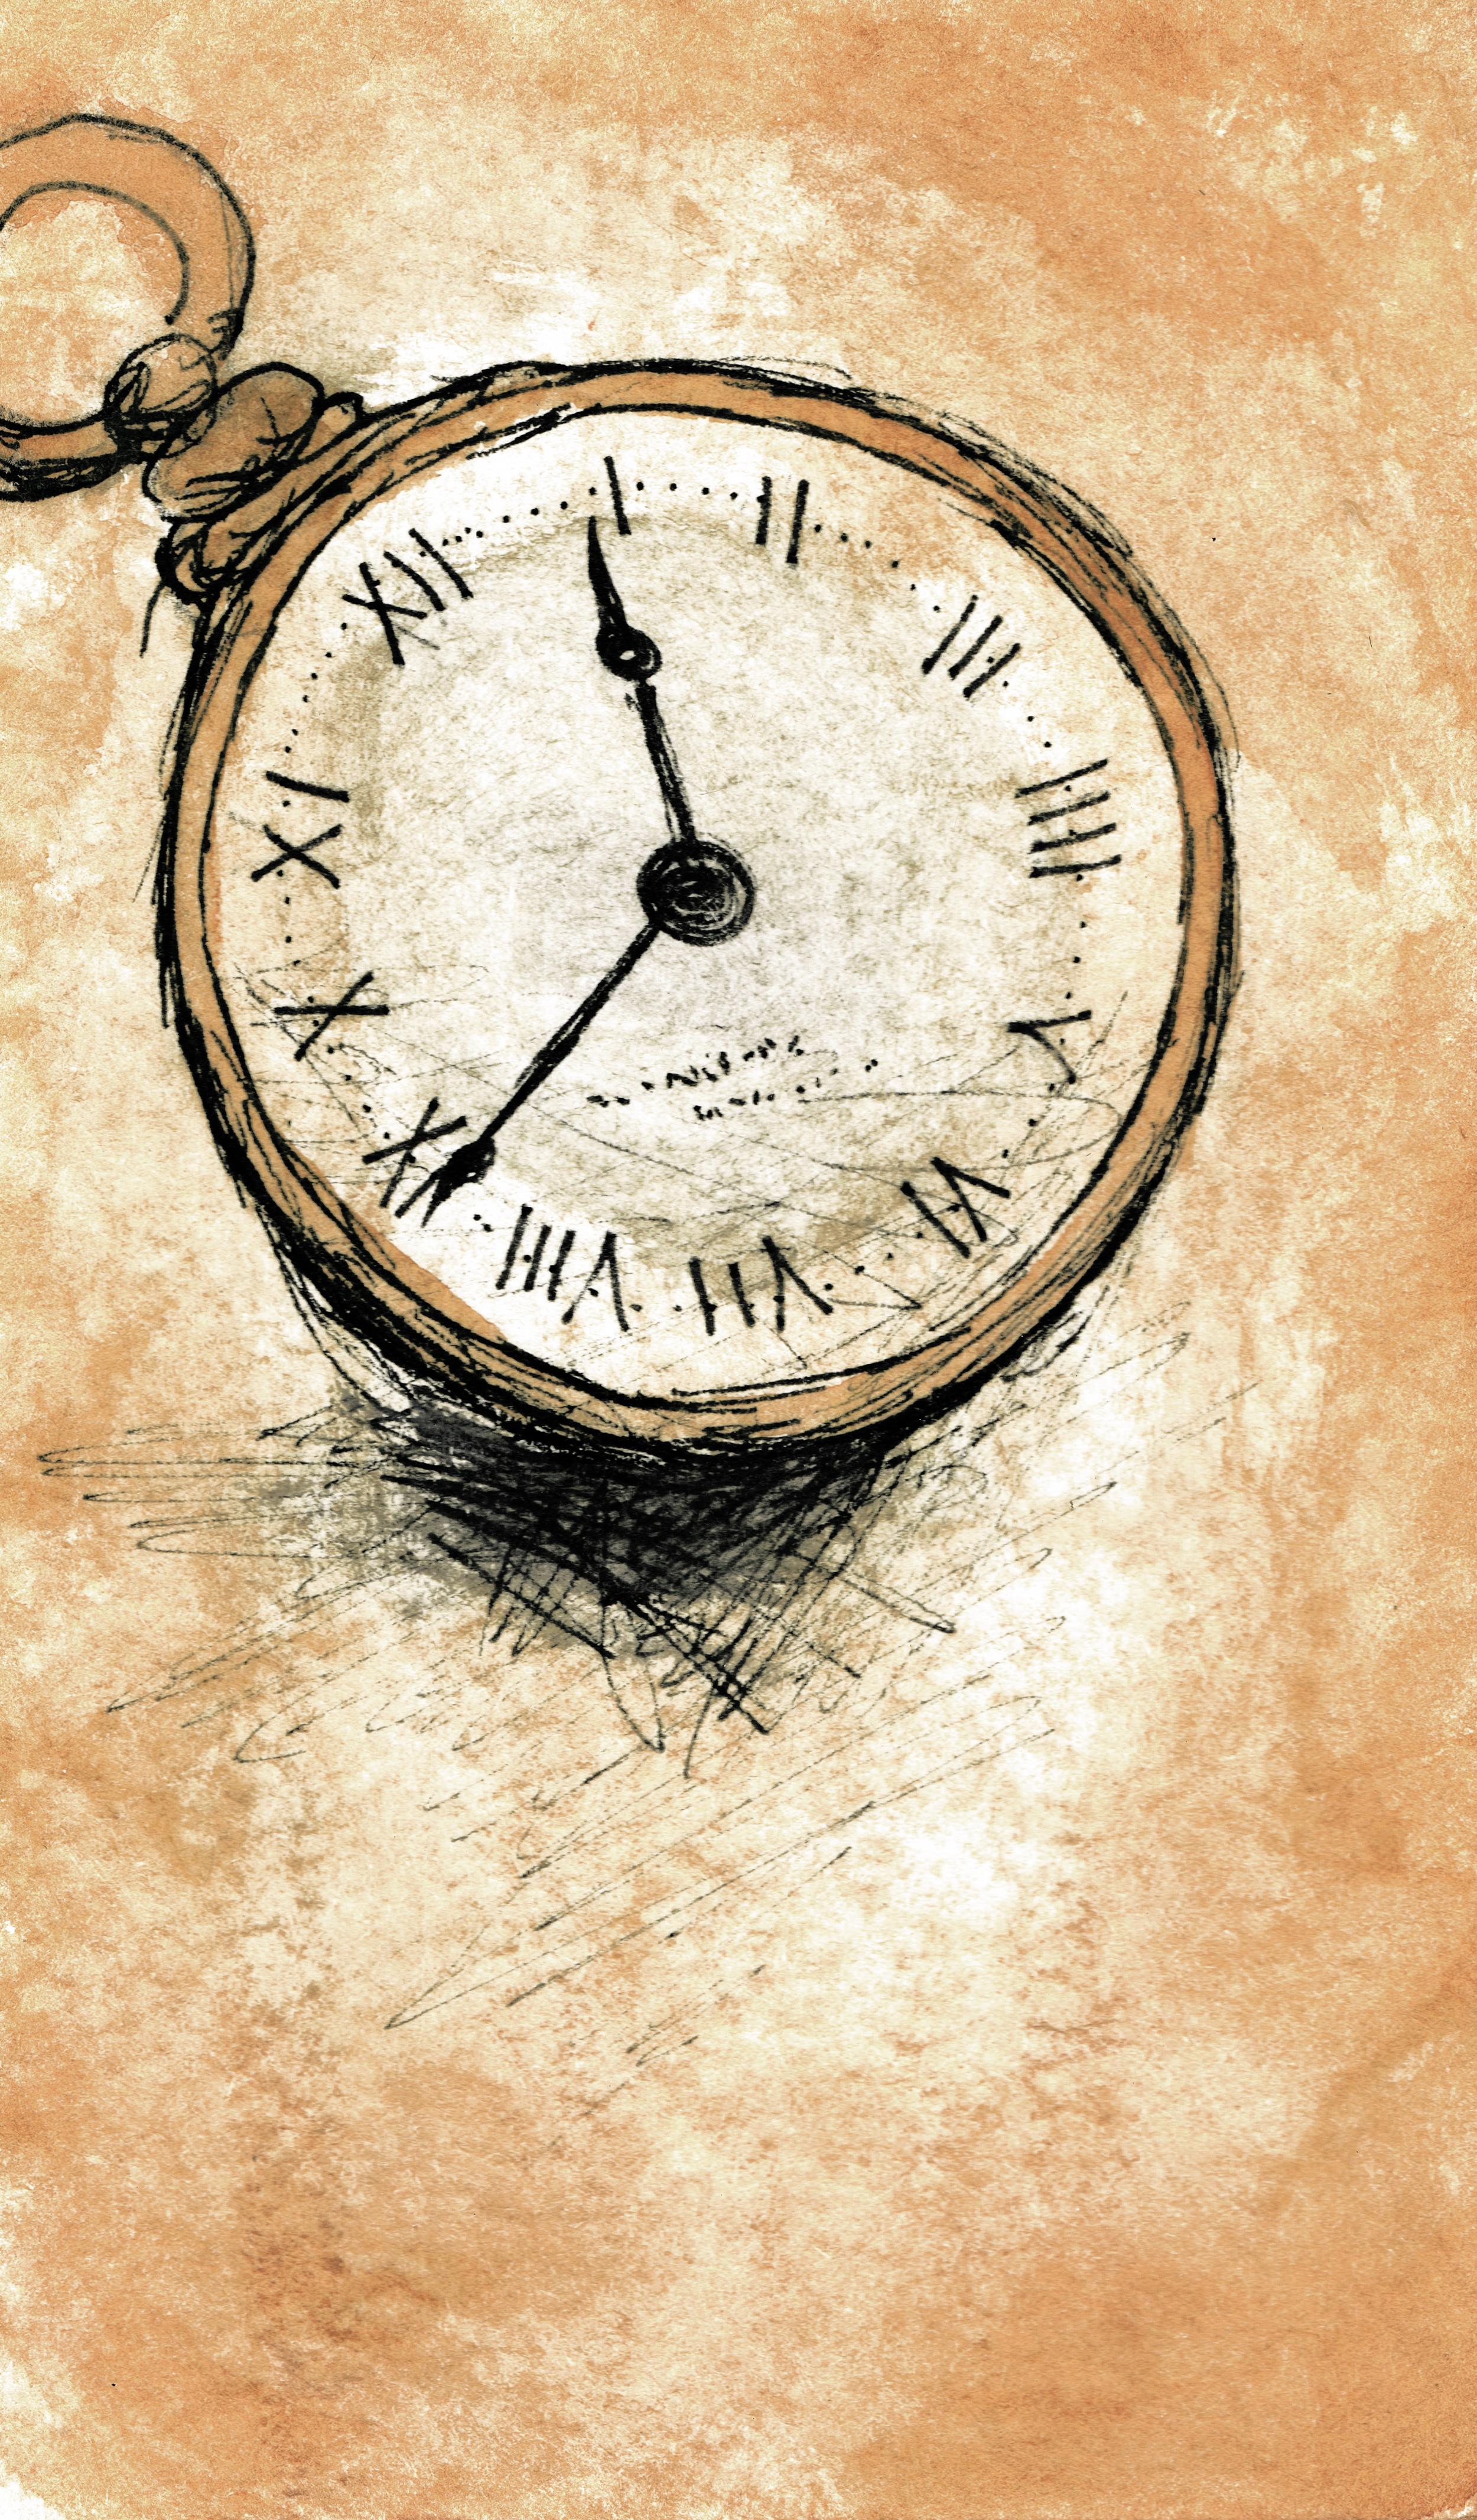 timewatch (judgement).jpg